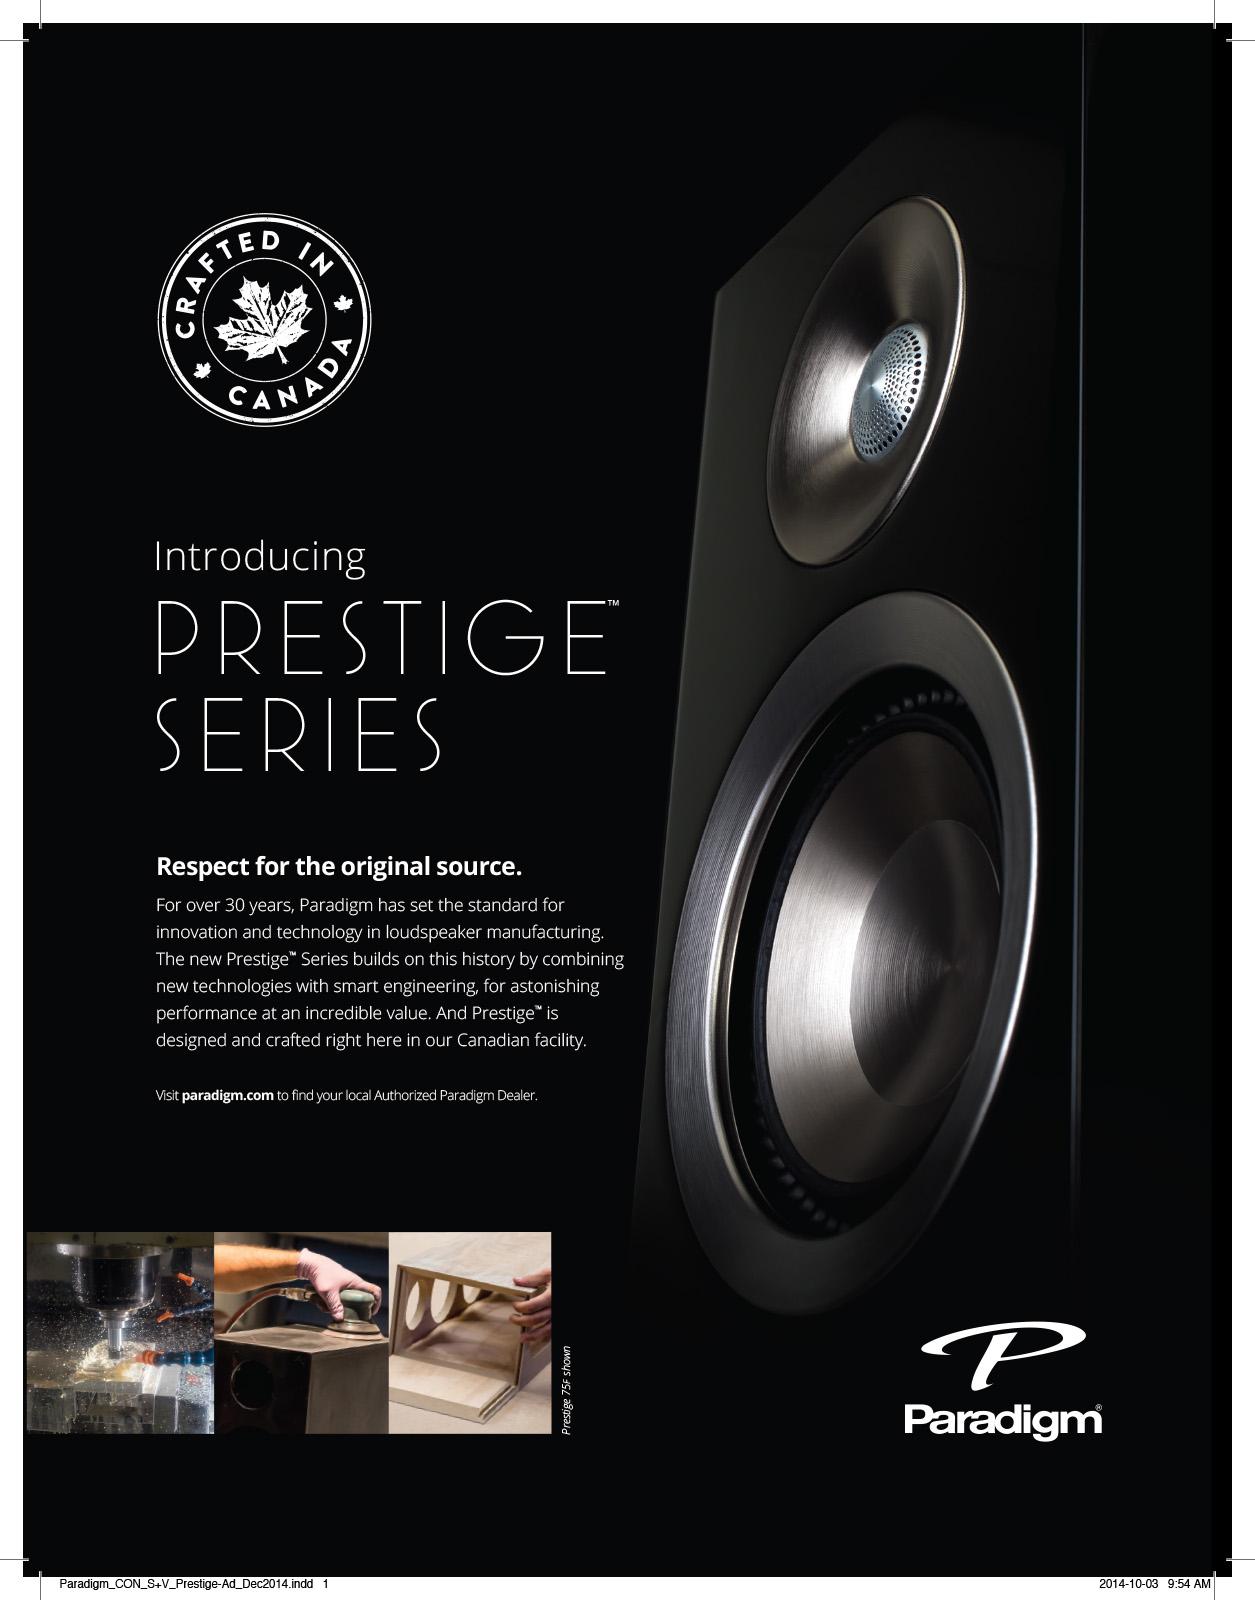 Paradigm_CON_S+V_Prestige-Ad_Dec2014.indd